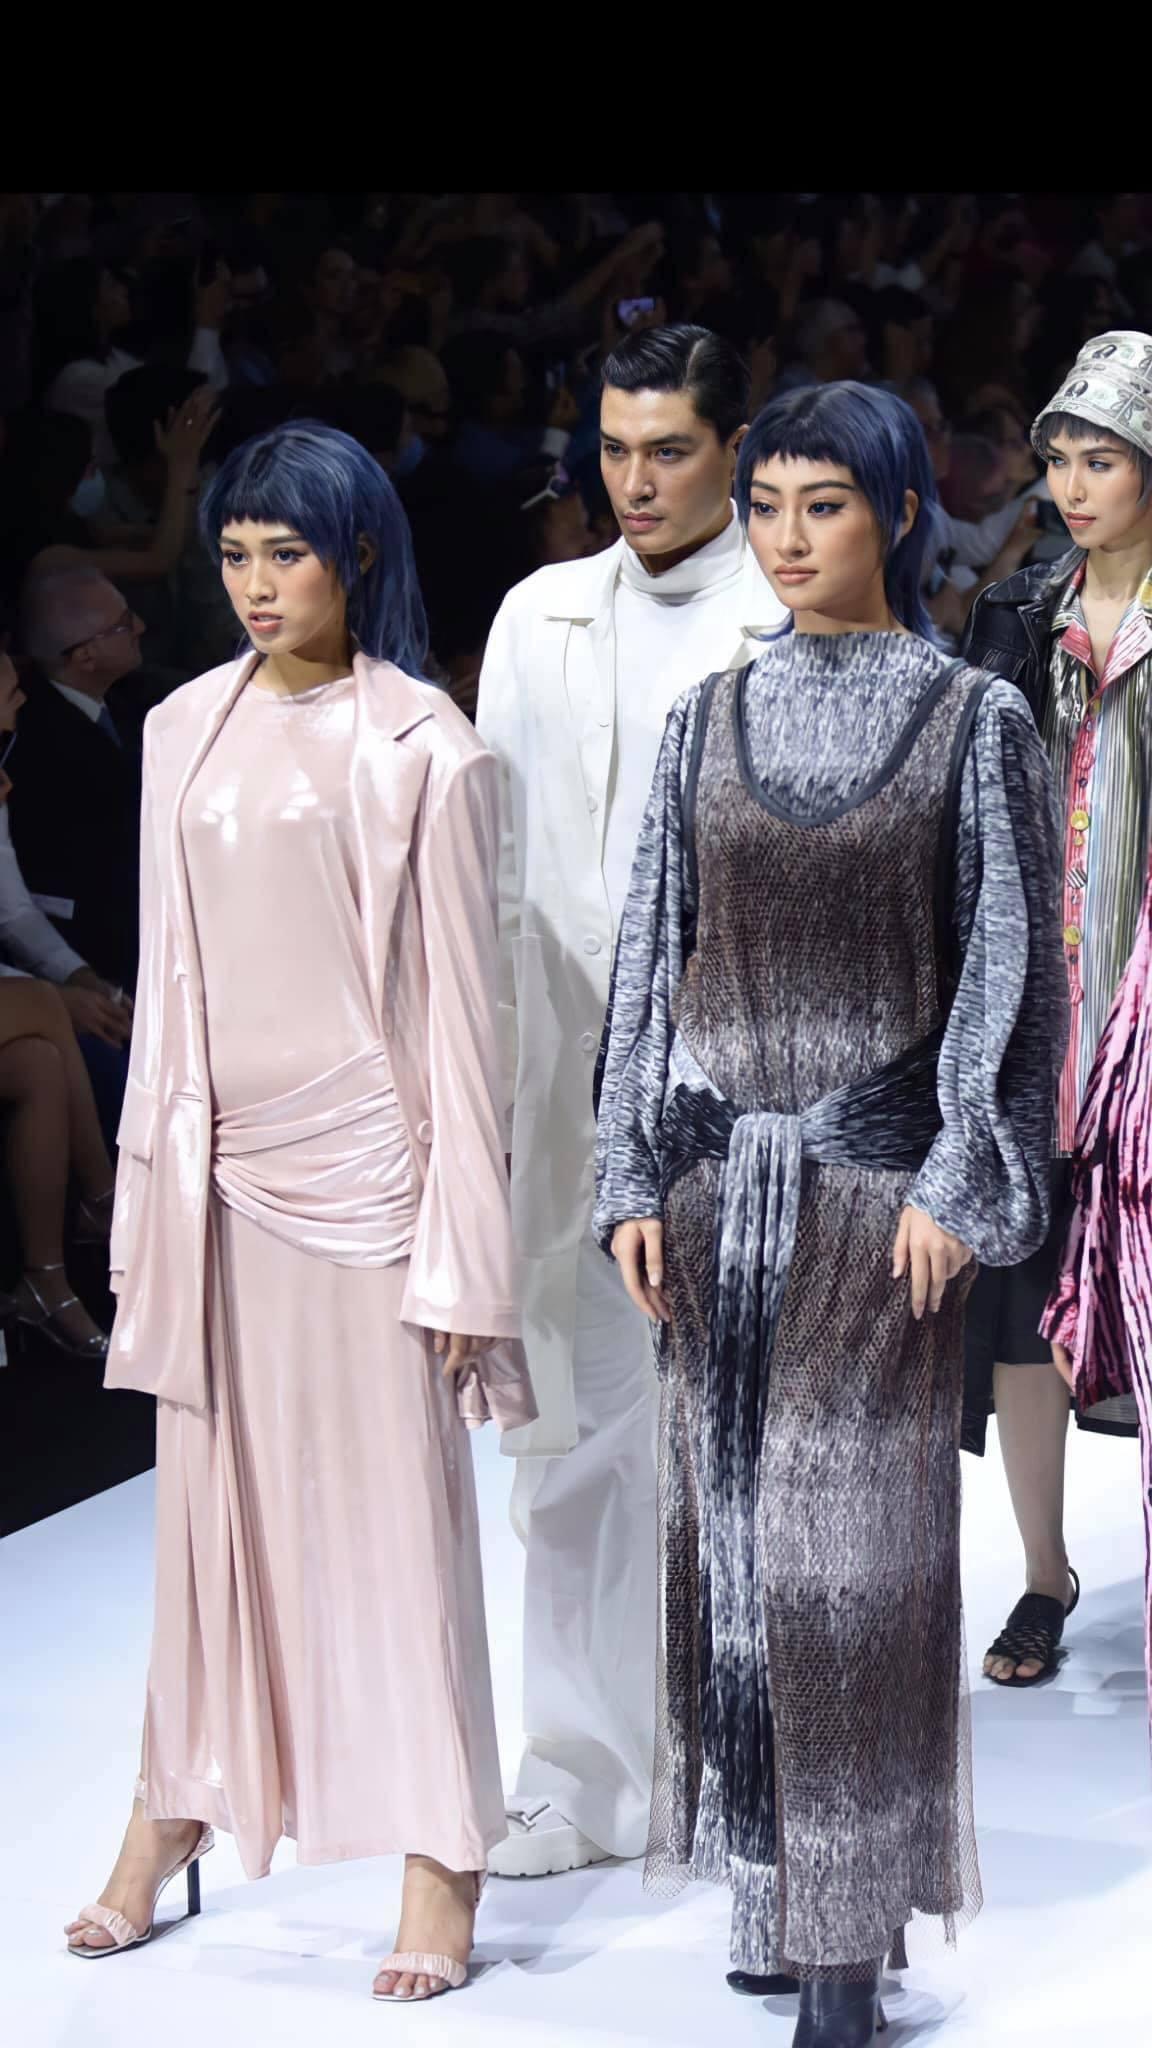 Hoa hậu Đỗ Thị Hà lộ vòng 2 lùm lùm thiếu săn chắc, soi kĩ nhận ra ngay lỗi trang phục mà các bánh bèo hay mắc phải - Ảnh 5.